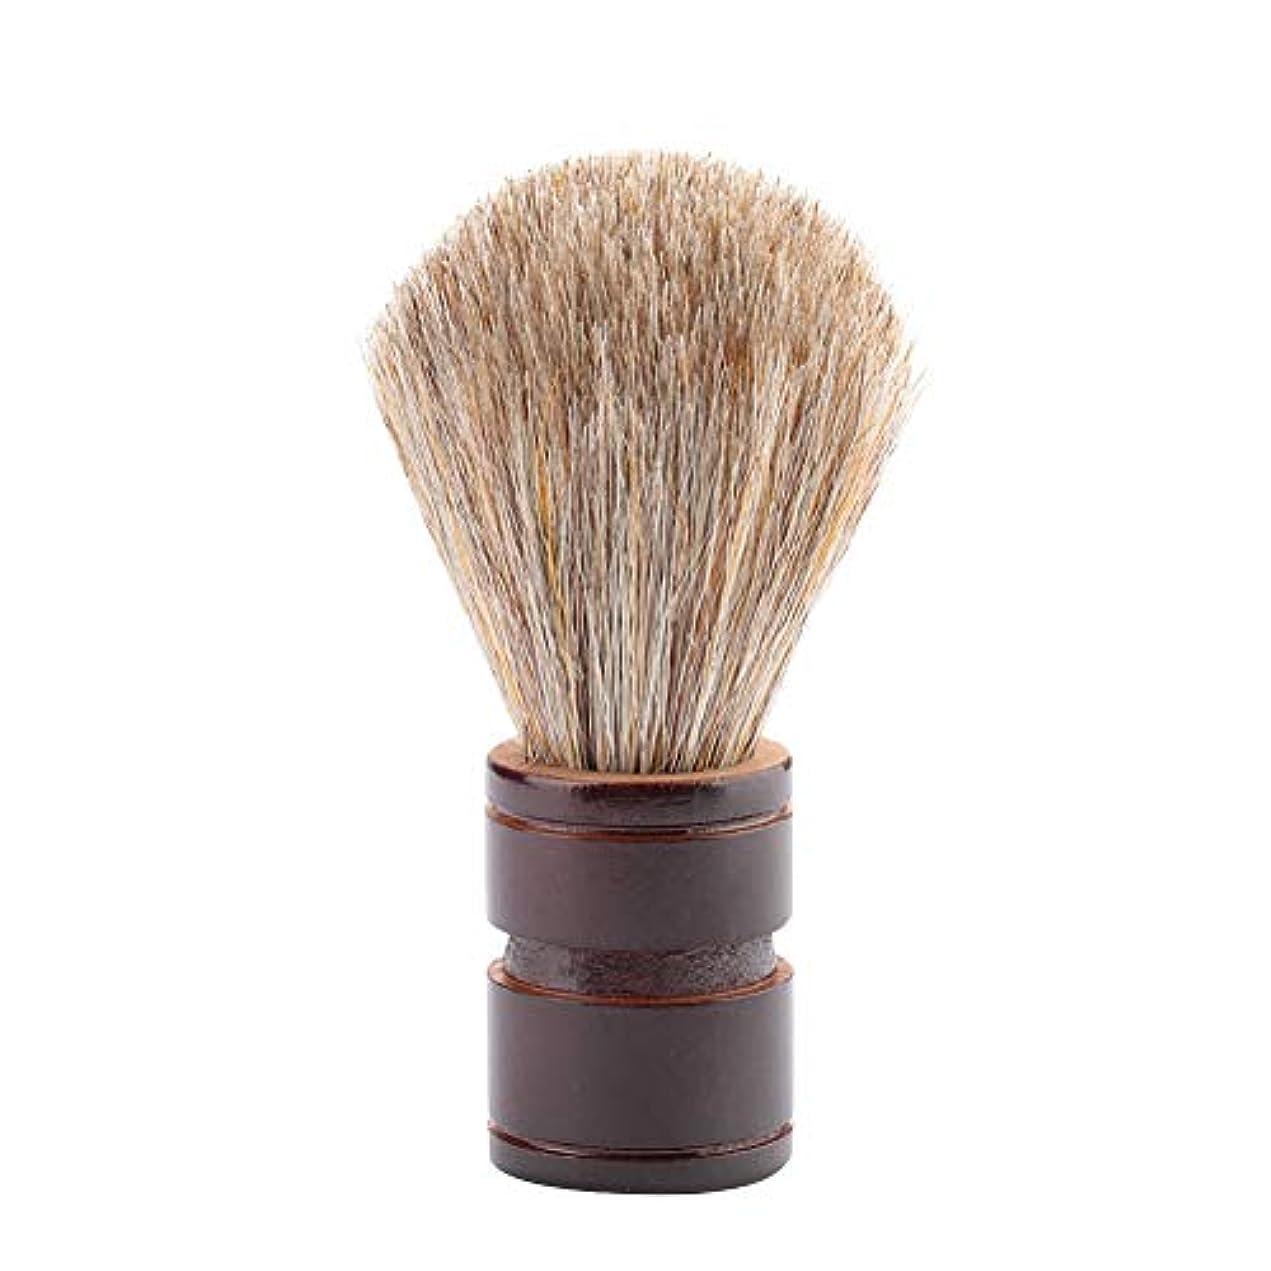 レッドデートヘッドレスタウポ湖ひげブラシ、2色オプションのポータブルプレミアム品質ブラシ男性のためのひげのケアツール美容院と家庭用缶(ヘム+馬毛)